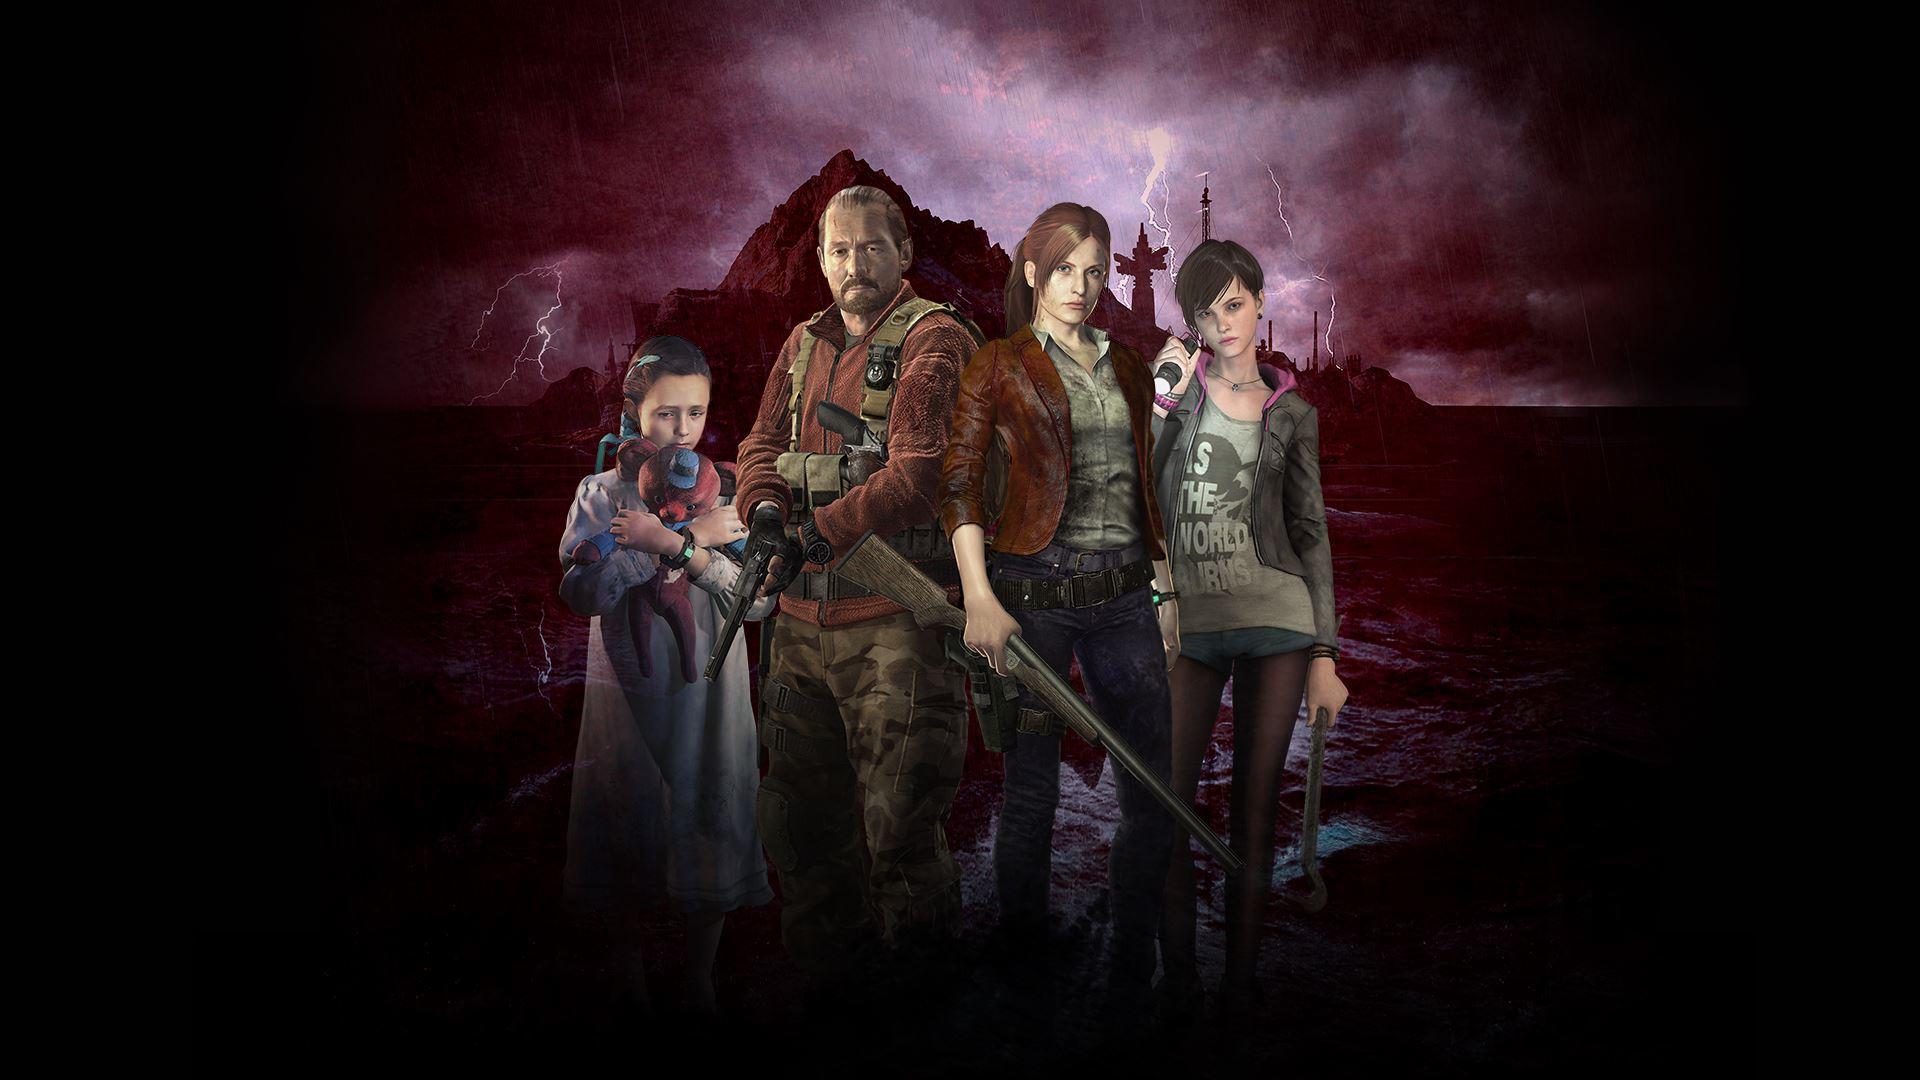 Revelations 2 Hd Wallpapers Resident Evil Revelations 2 95574